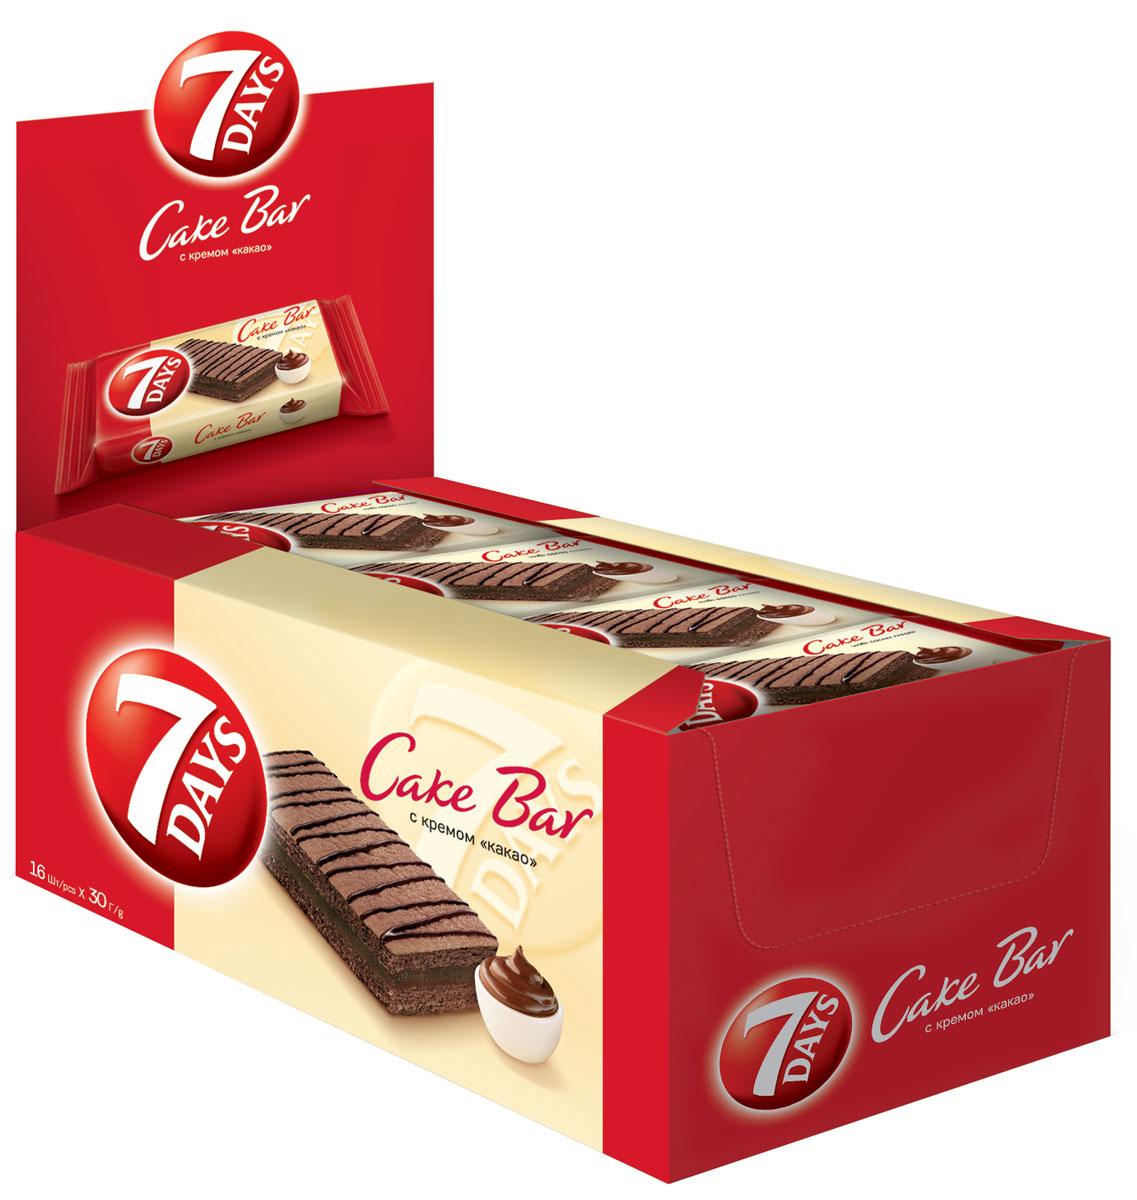 7DAYS Cake Bar Пирожное с кремом Какао, 16 шт по 30 г5 201360 79625 0Пирожные 7DAYS Кейк Бар - это индивидуально упакованные бисквитные пирожные, представленные ассортиментом наиболее популярных вкусов. Восхитительный снэк для всей семьи, которым можно насладиться в течение всего дня.